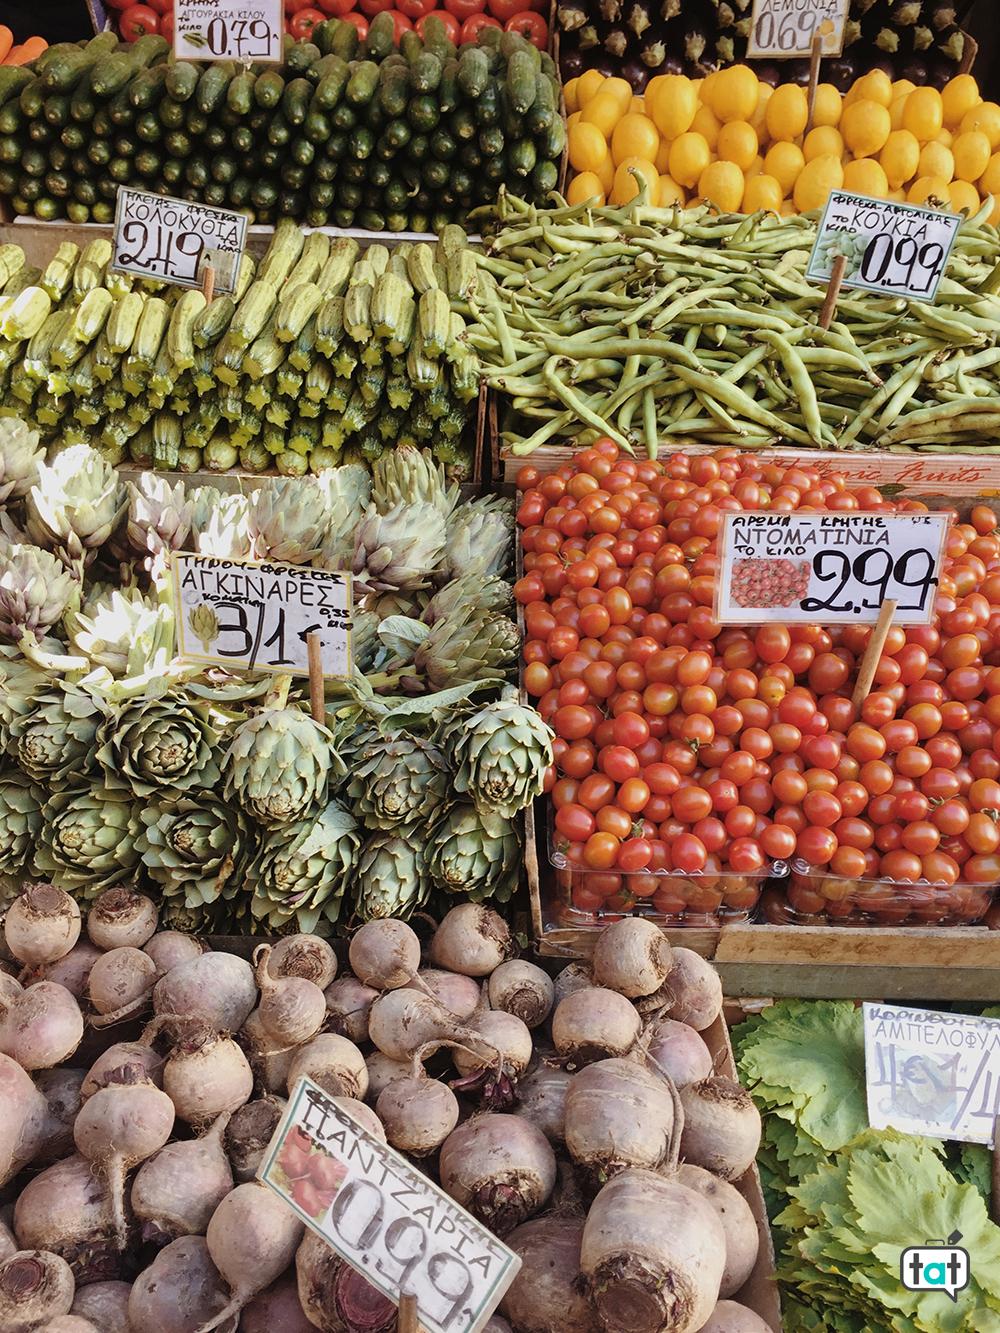 Mercato Centrale Atene